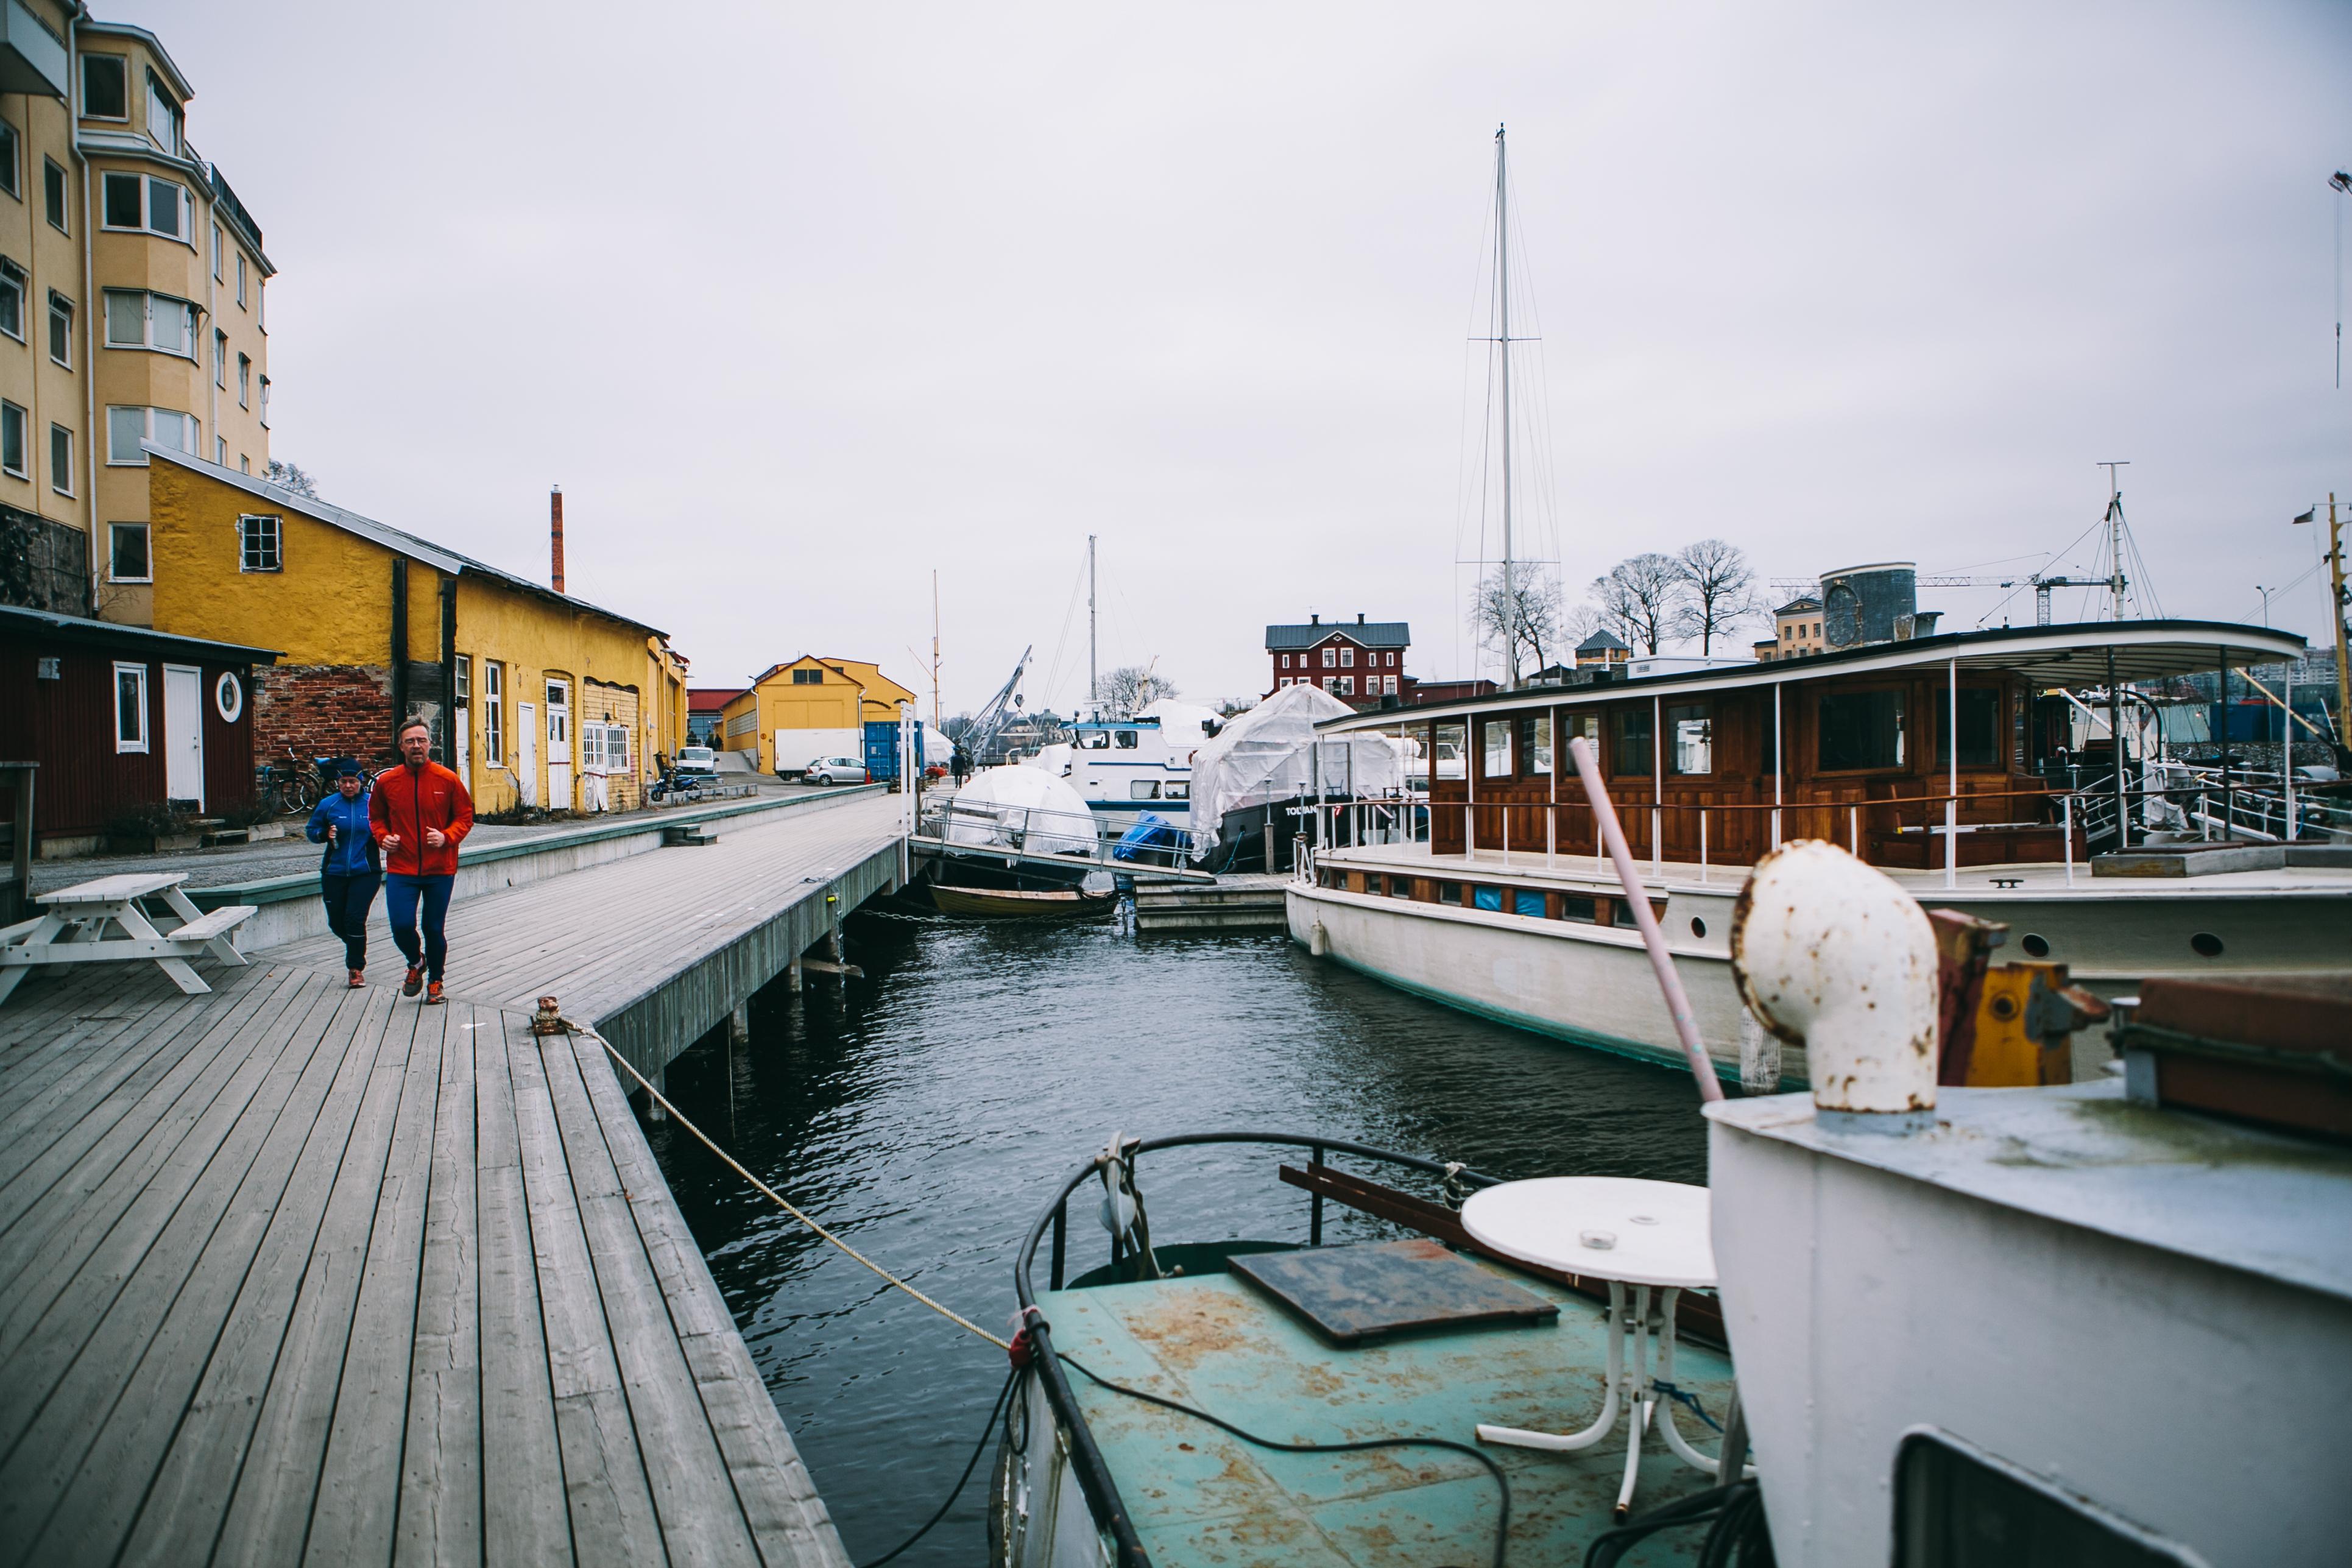 Тихая гавань. Стокгольм.